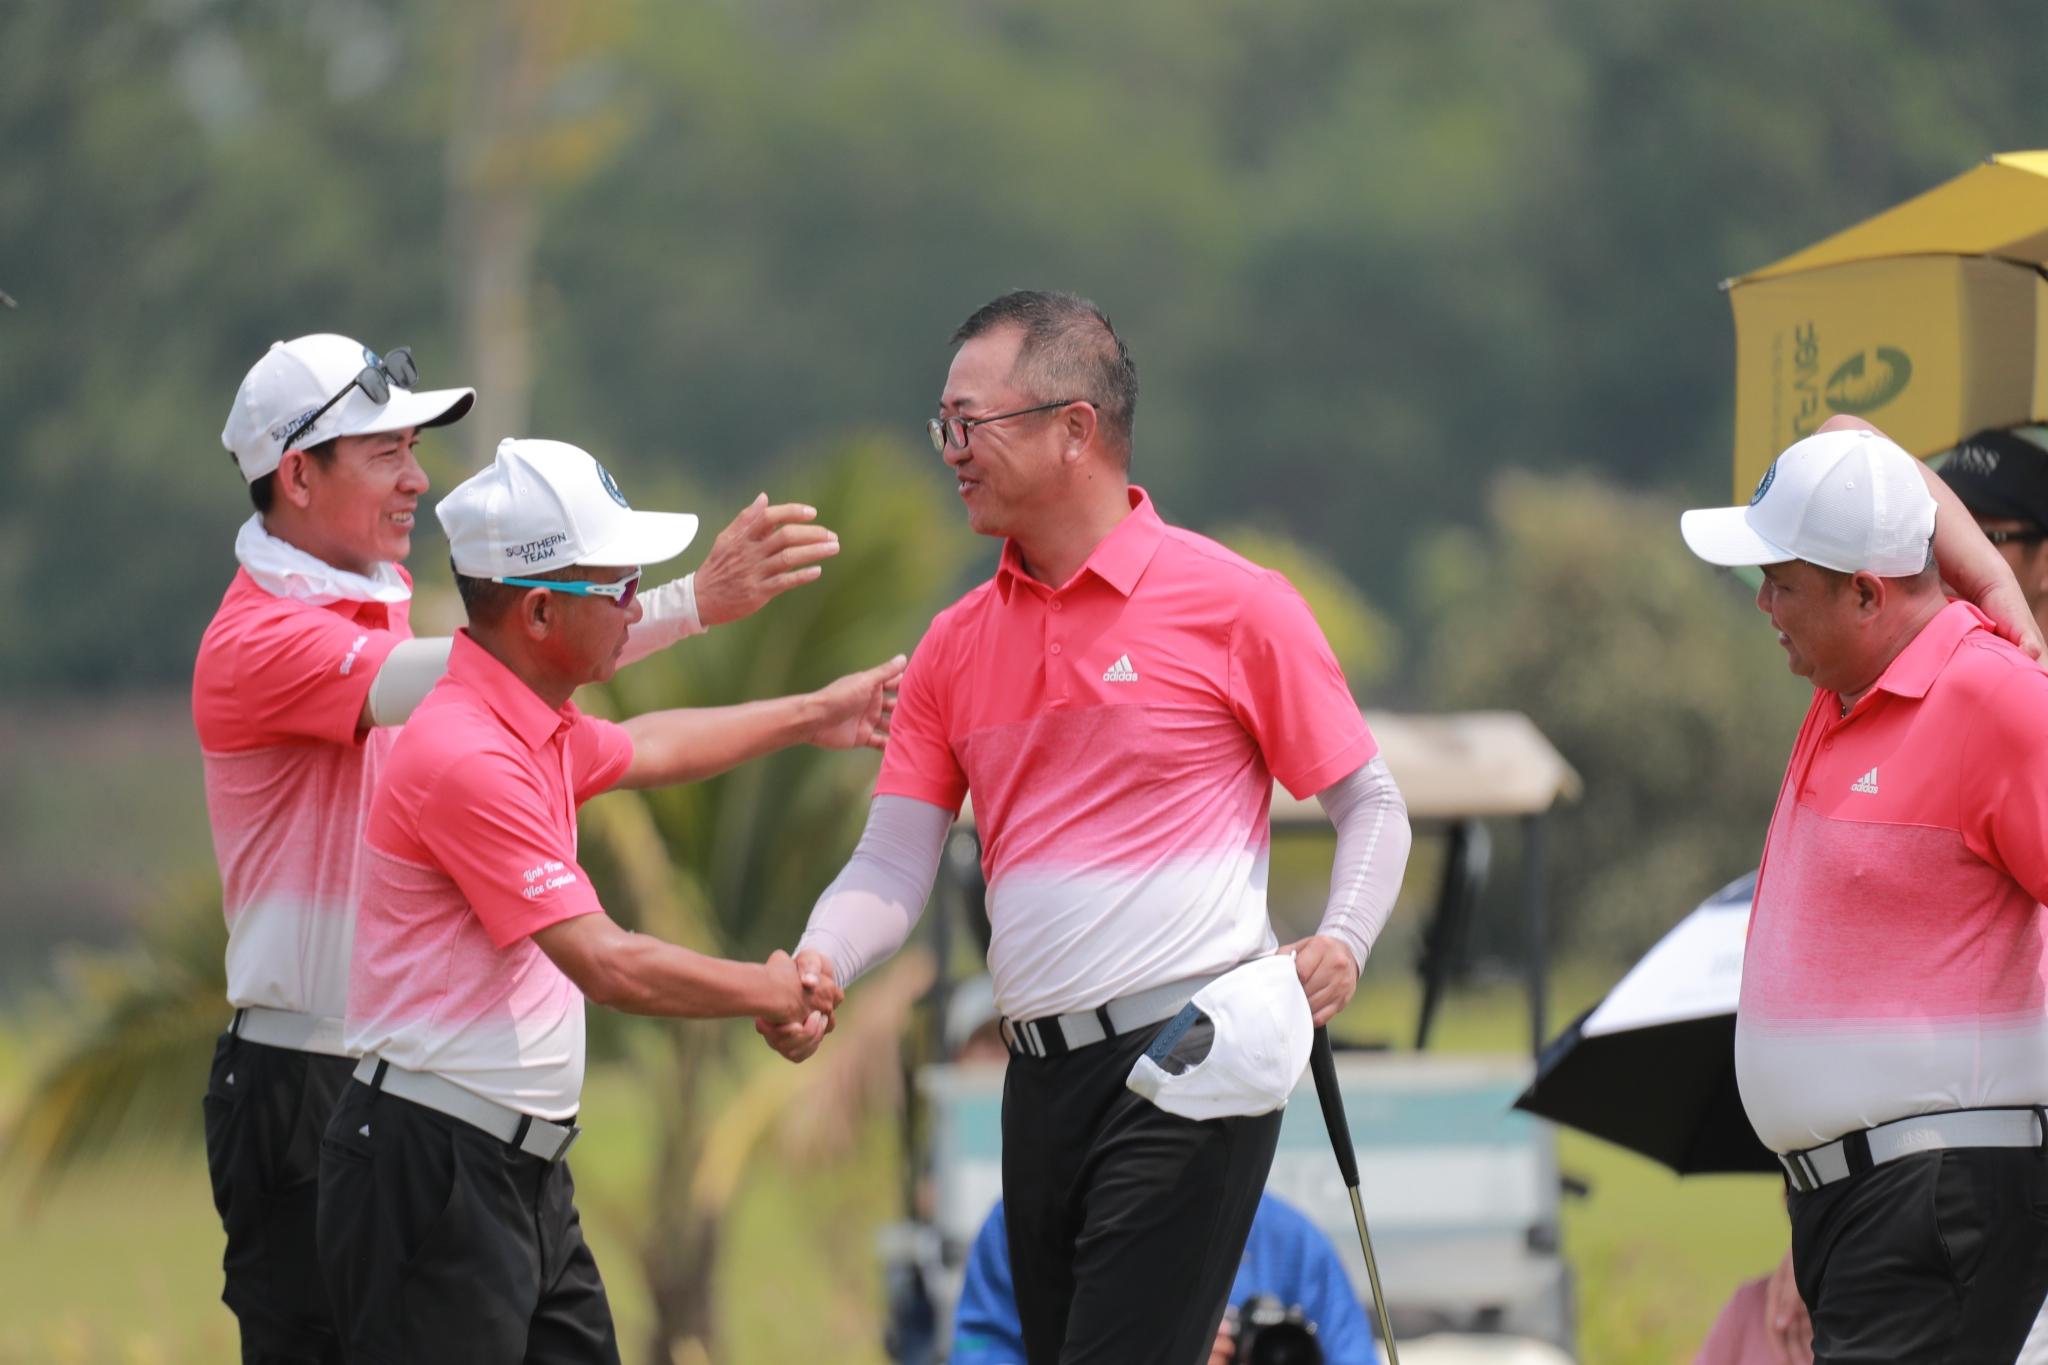 Pegolf Vu Pham Nguyen An (ketiga dari kiri) berbagi kegembiraannya dengan rekan setimnya di Selatan setelah momen kejuaraan.  Foto: Duy Duong